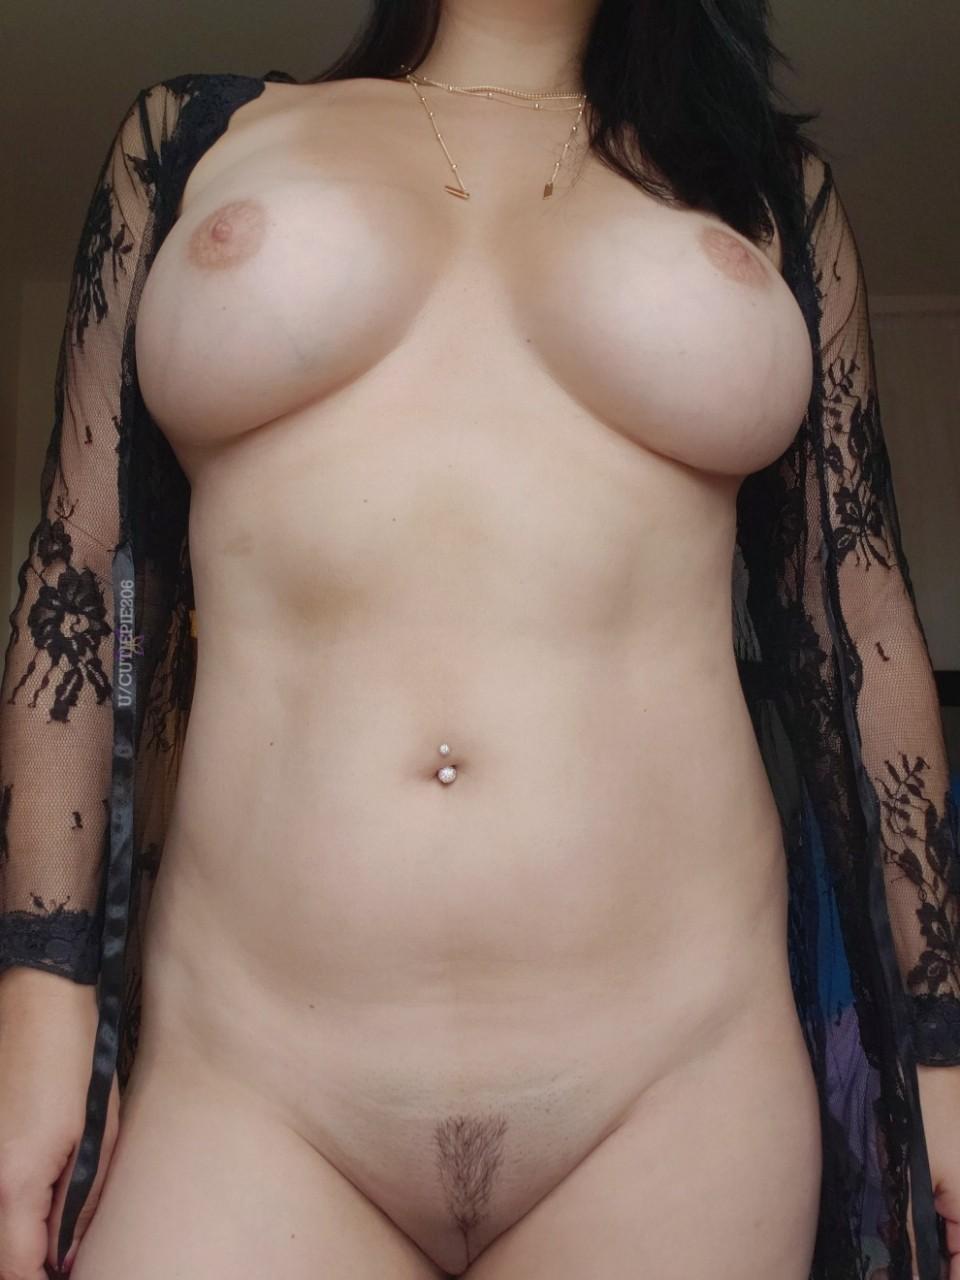 Mulheres Femininas (34)